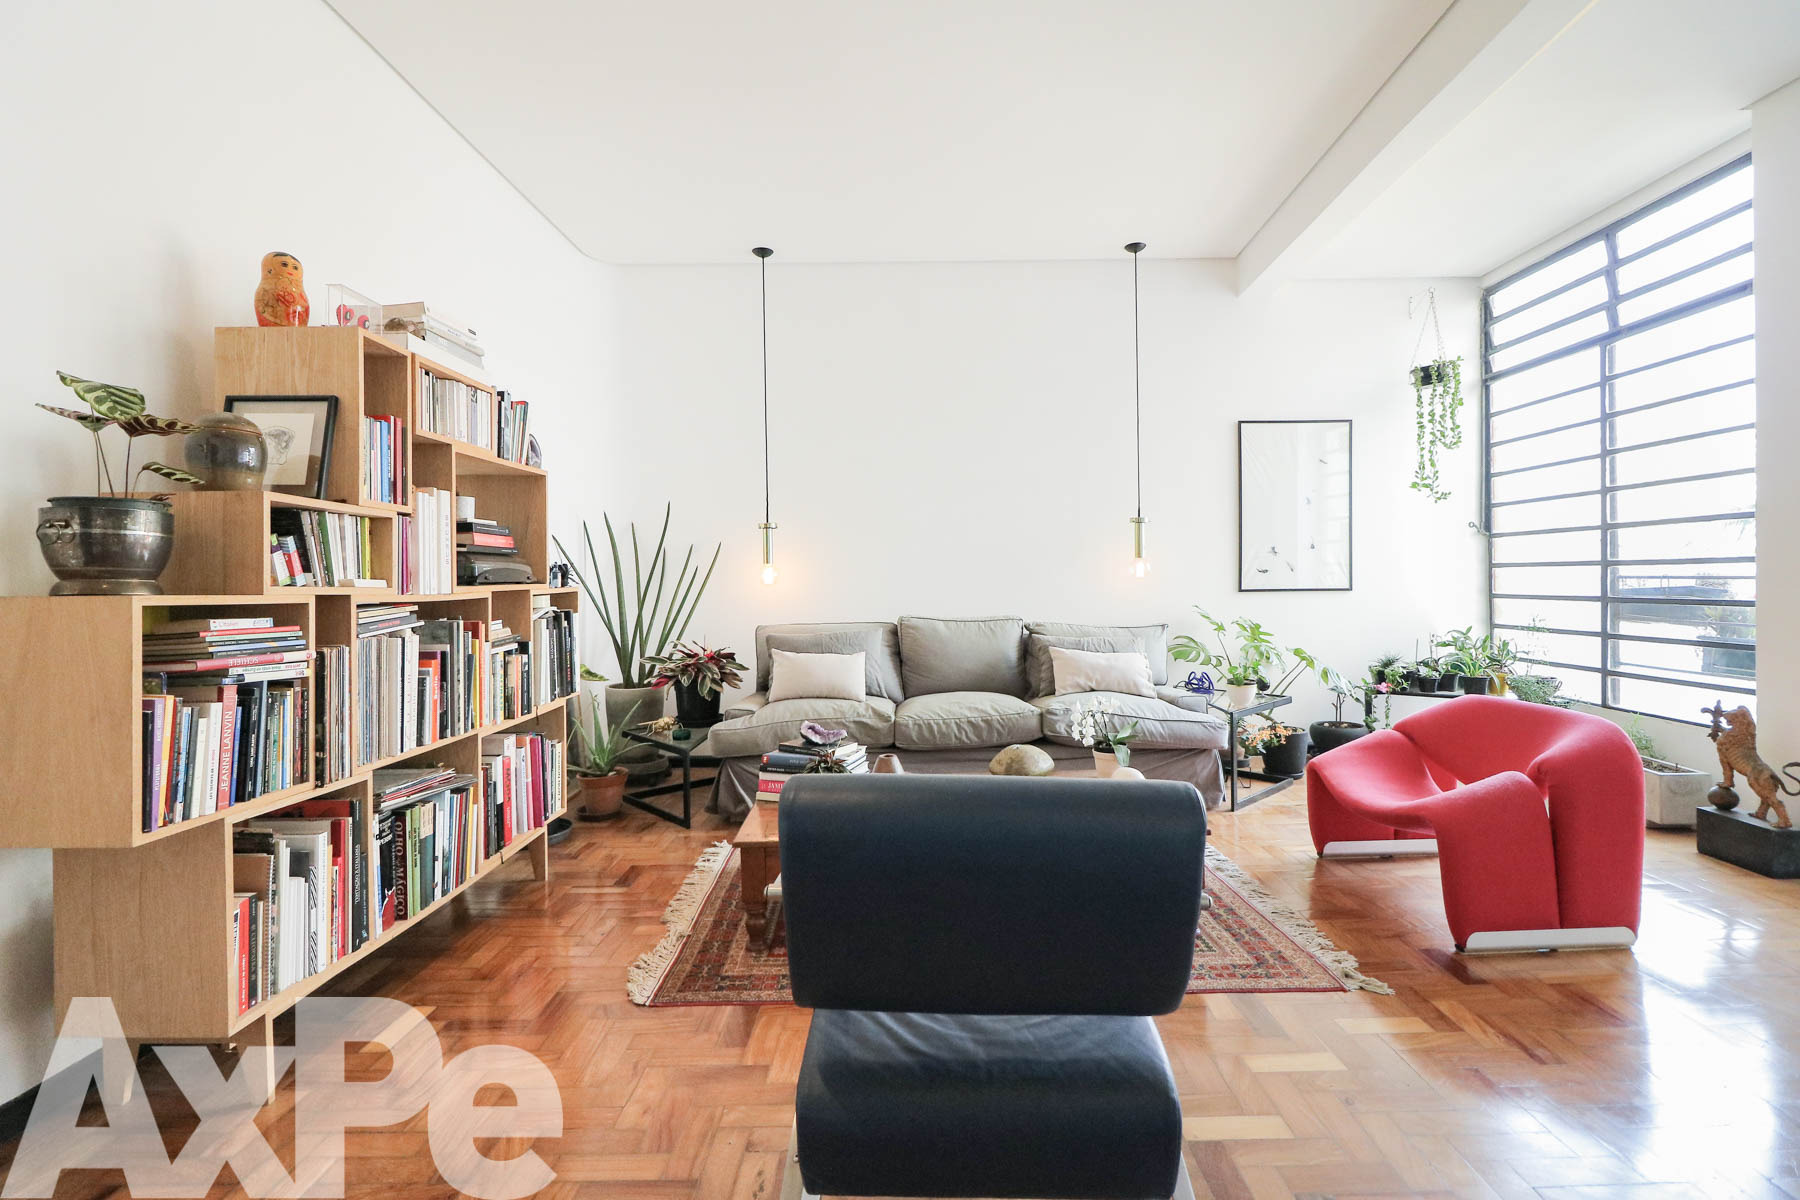 Axpe Apartamento - AX146523